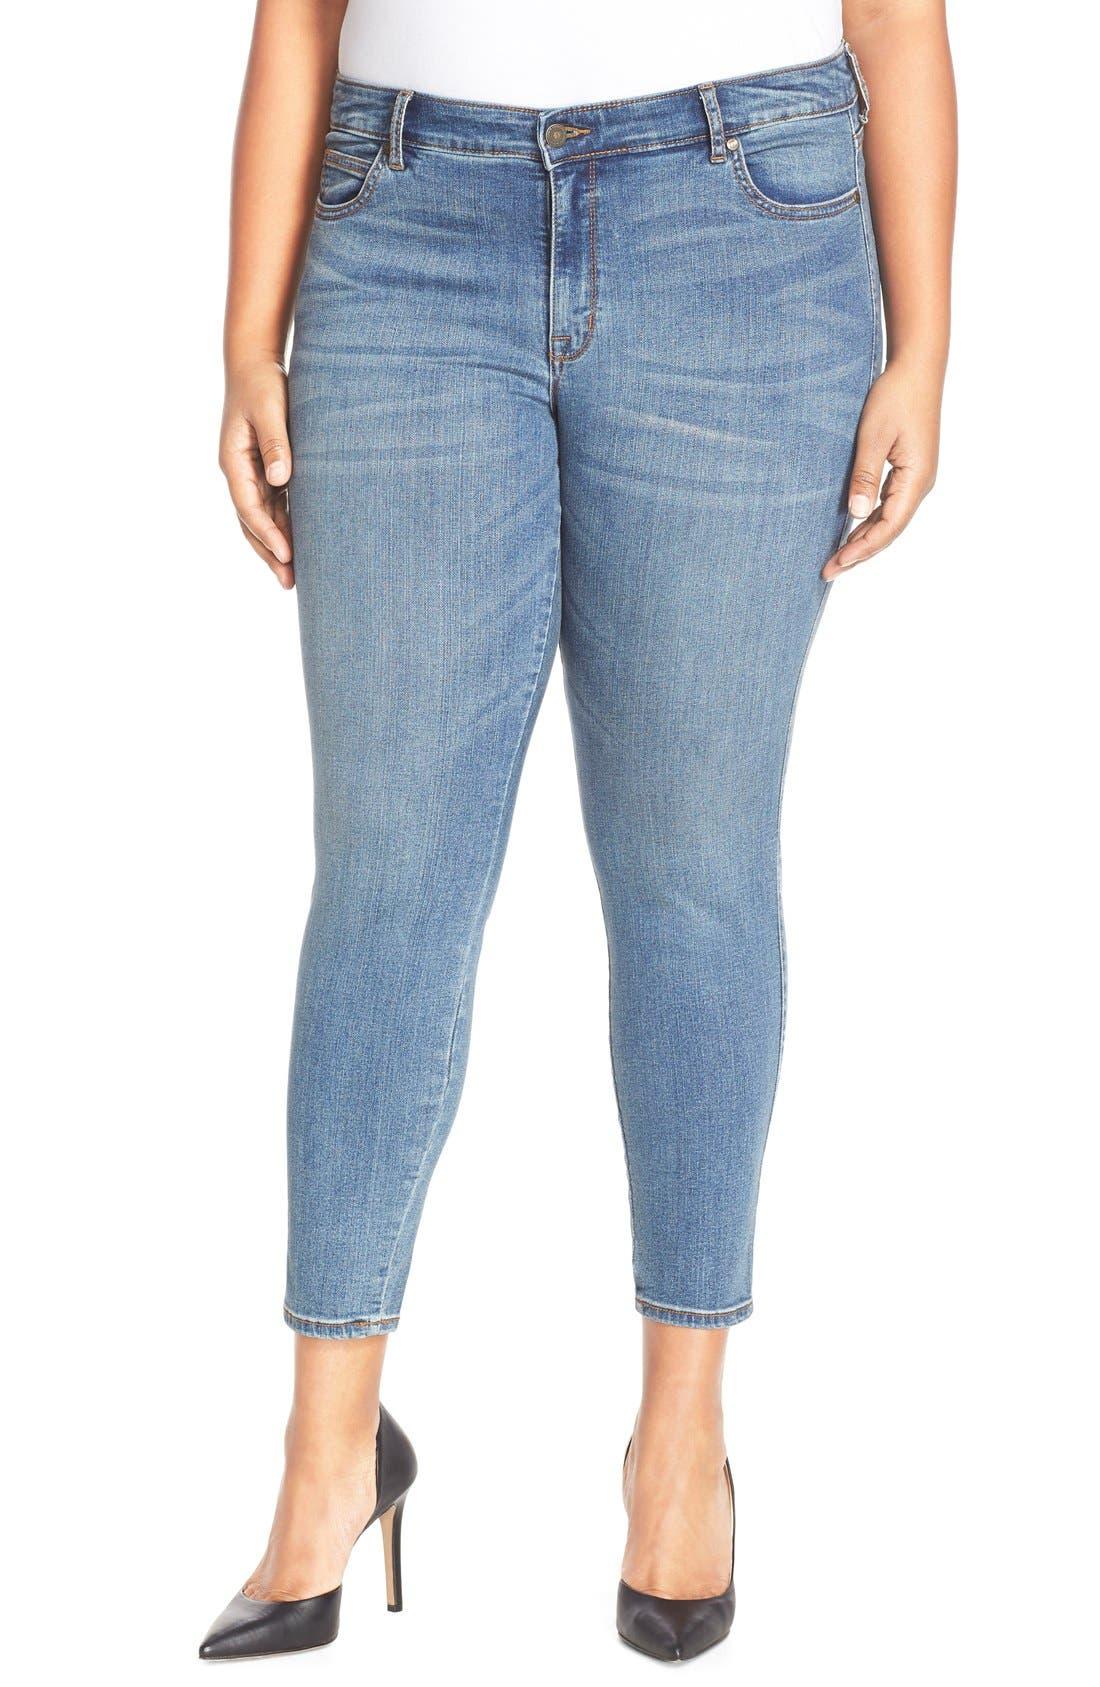 Main Image - CJ by Cookie Johnson 'Wisdom' Stretch Ankle Skinny Jeans (Plus Size)